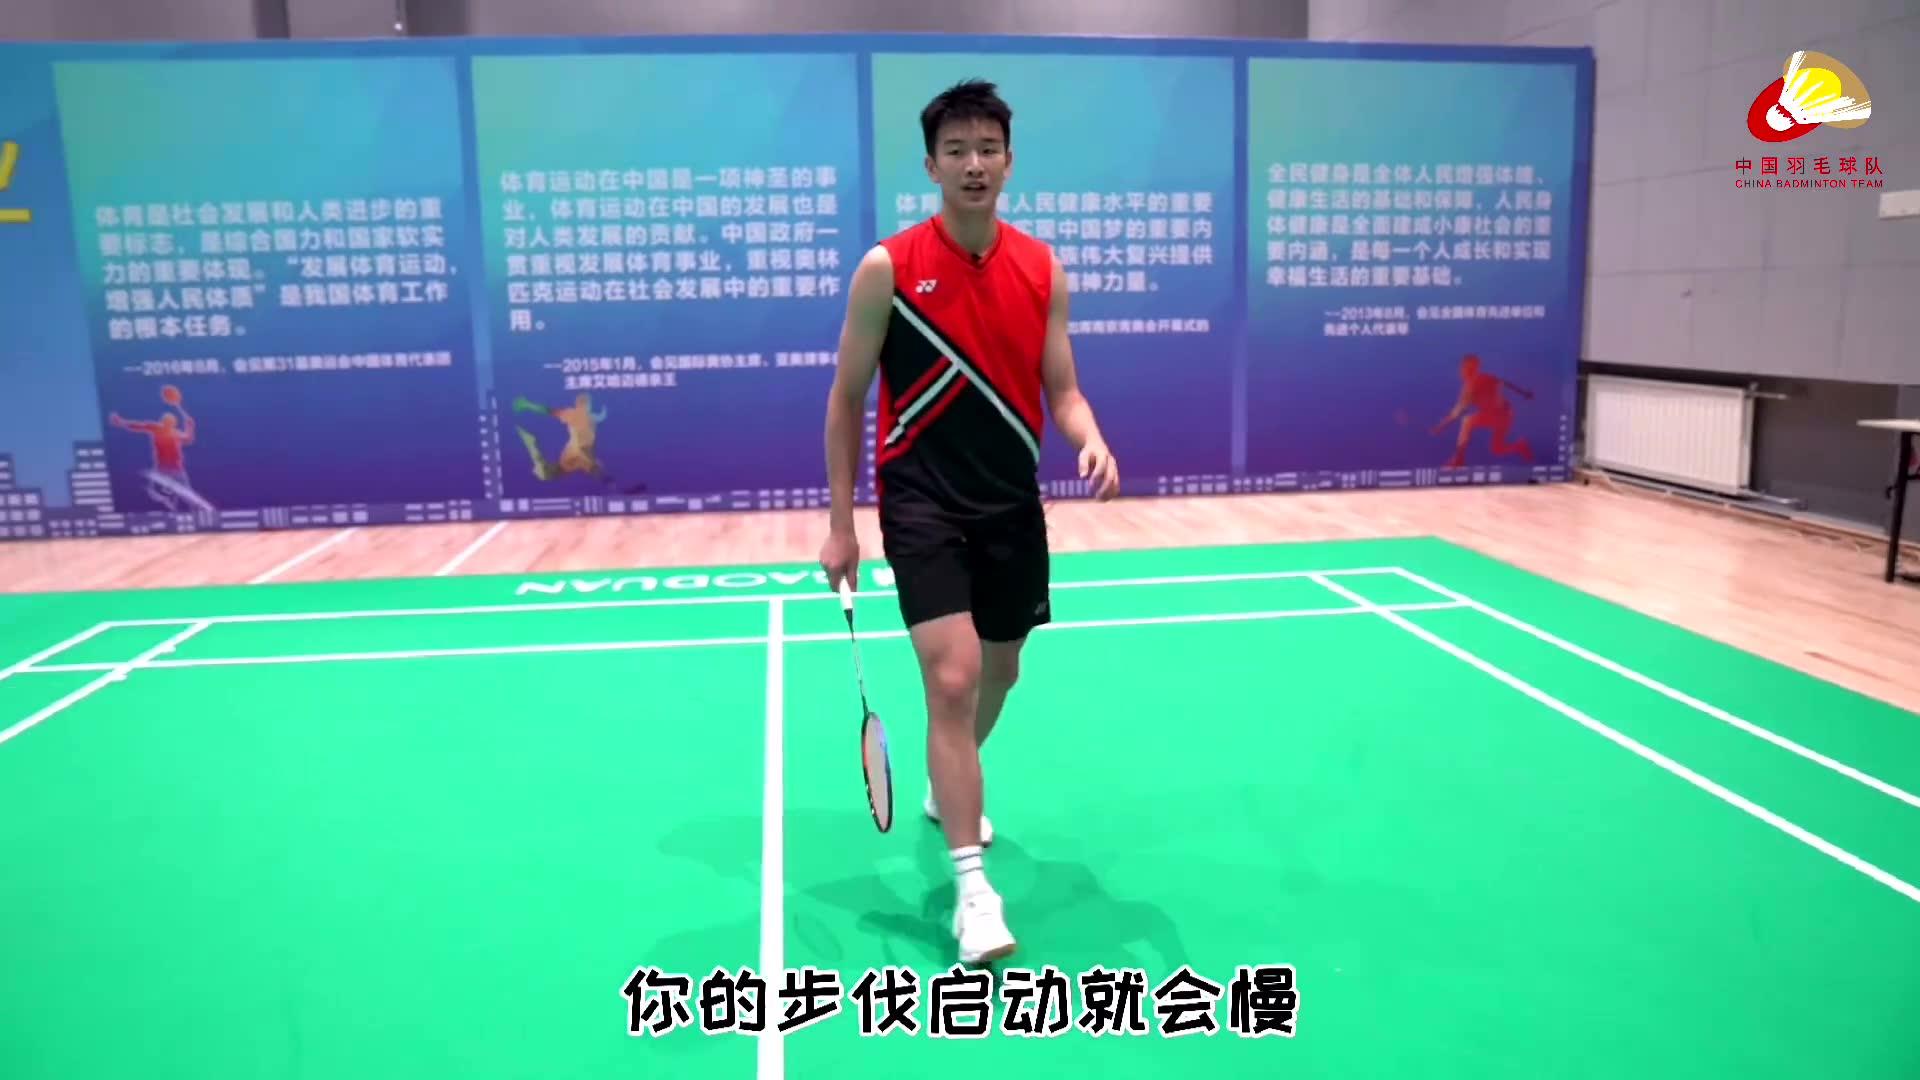 国羽小课堂 李诗沣教大家接杀球的步法